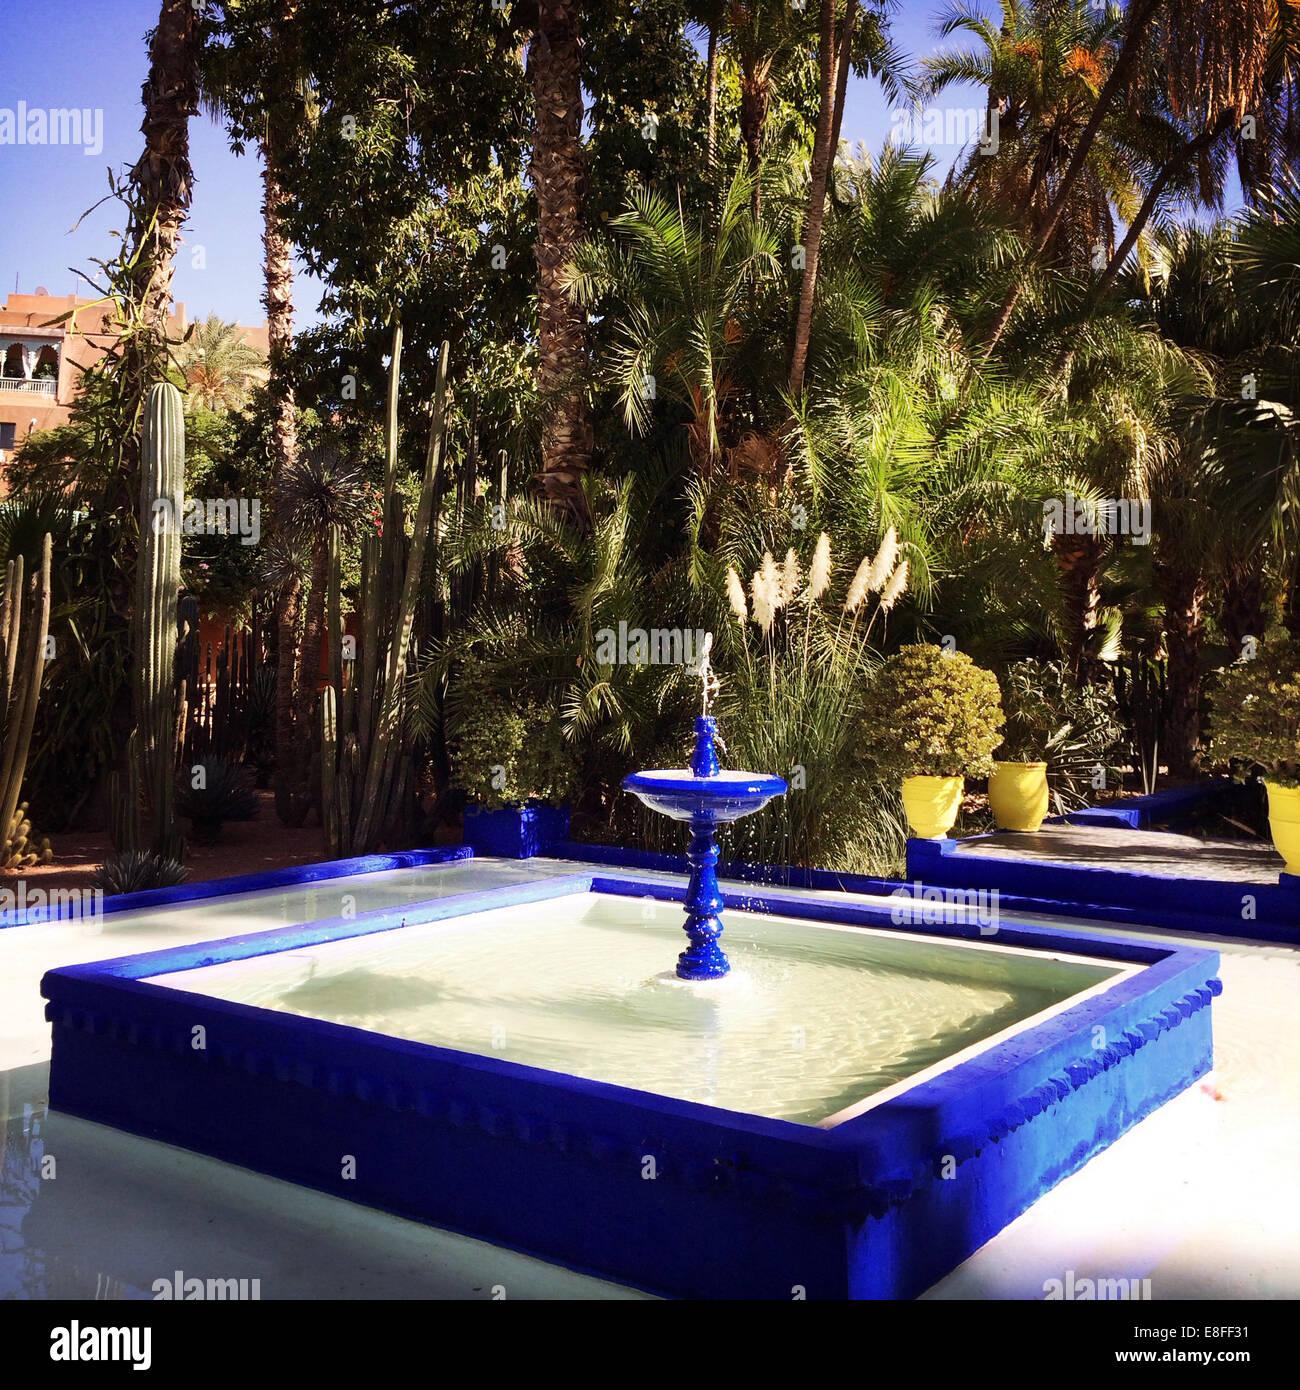 Morocco, Marrakesh, Bleu Fountain in Jardin Majorelle - Stock Image